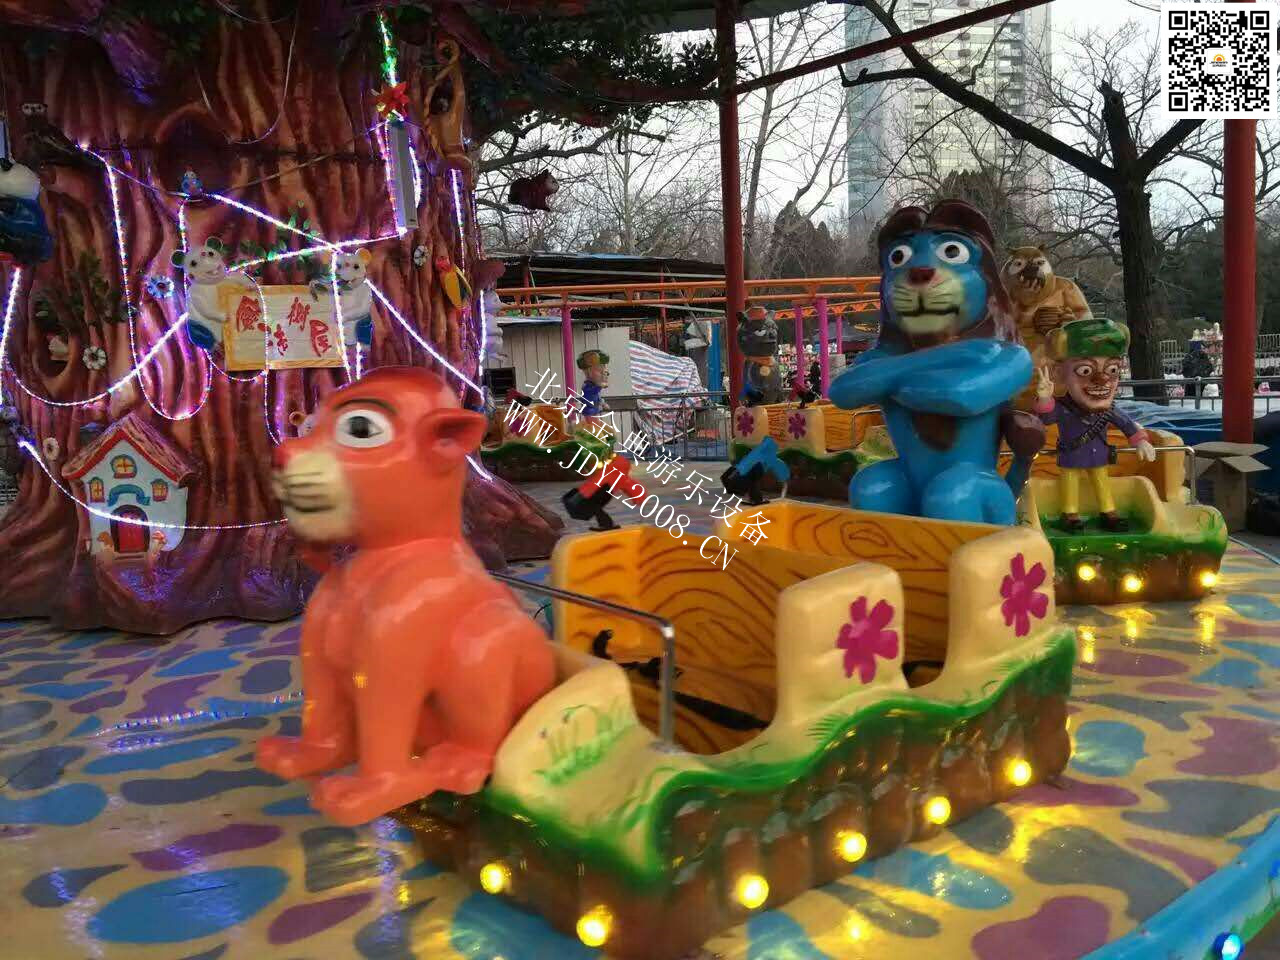 最新版神奇树屋--儿童喜爱的游乐设备_副本.jpg